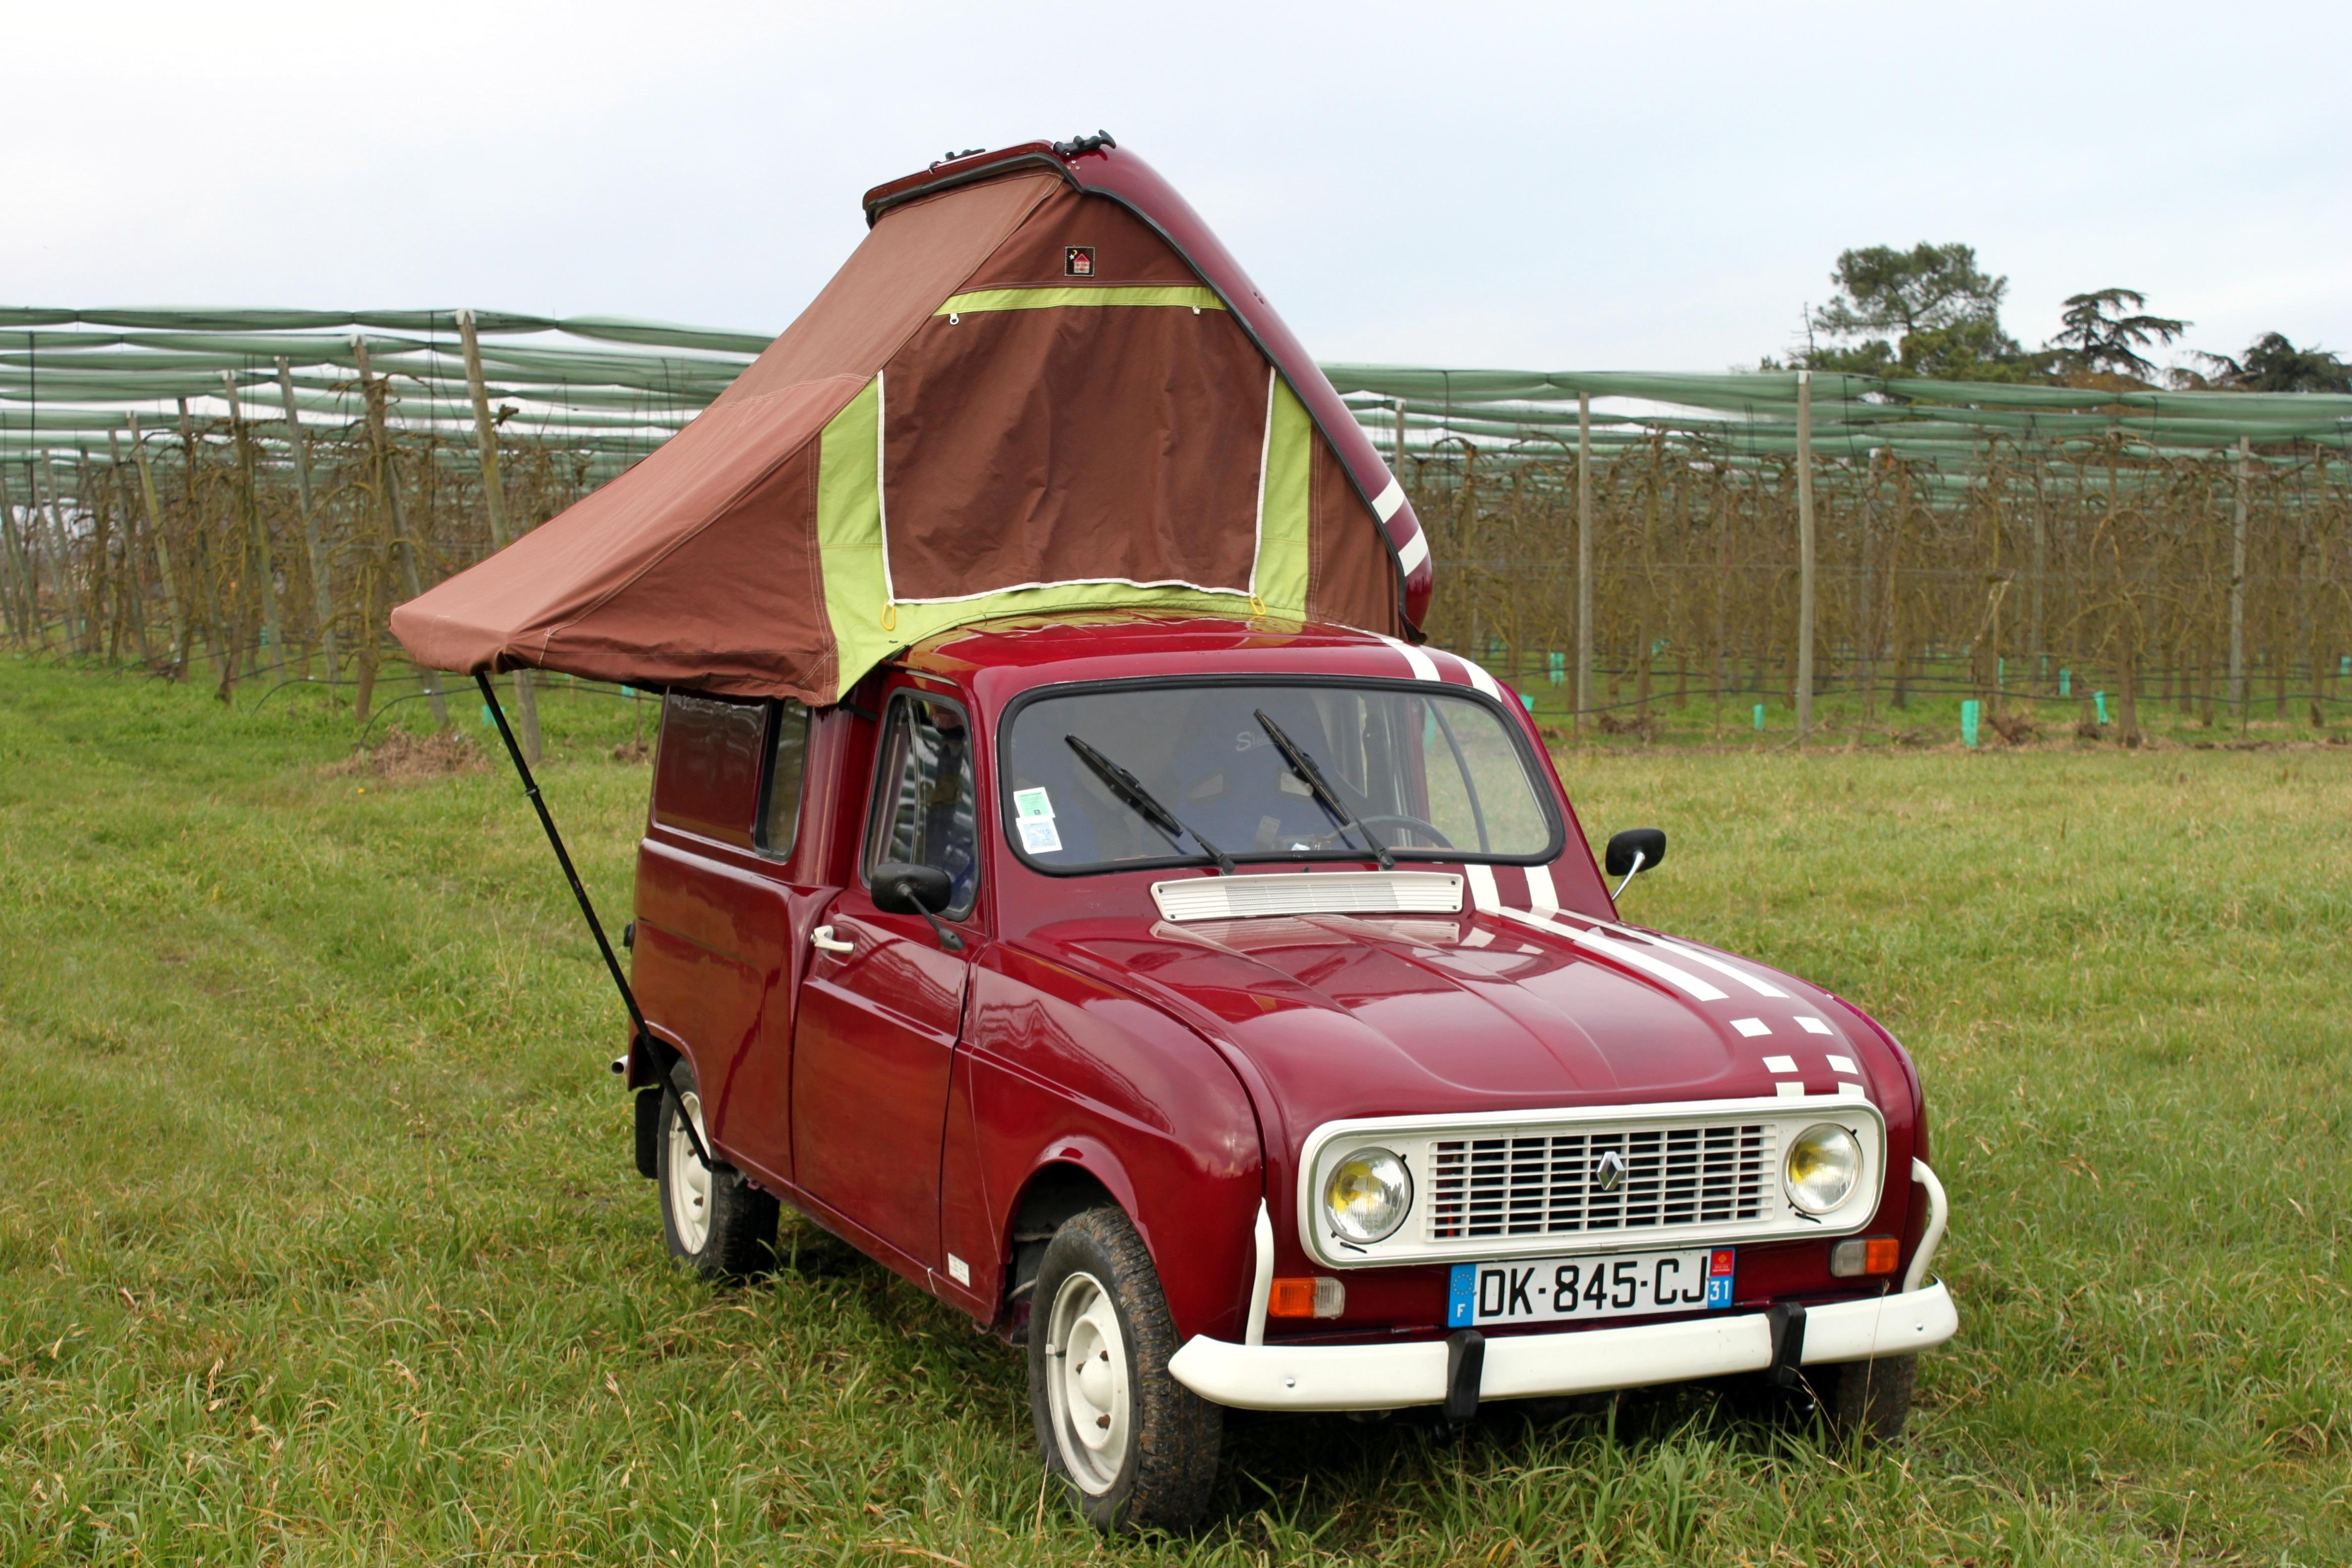 tentes de toit tente de toit ezzi awn t top la tente de toit termin e 4l trophy. Black Bedroom Furniture Sets. Home Design Ideas